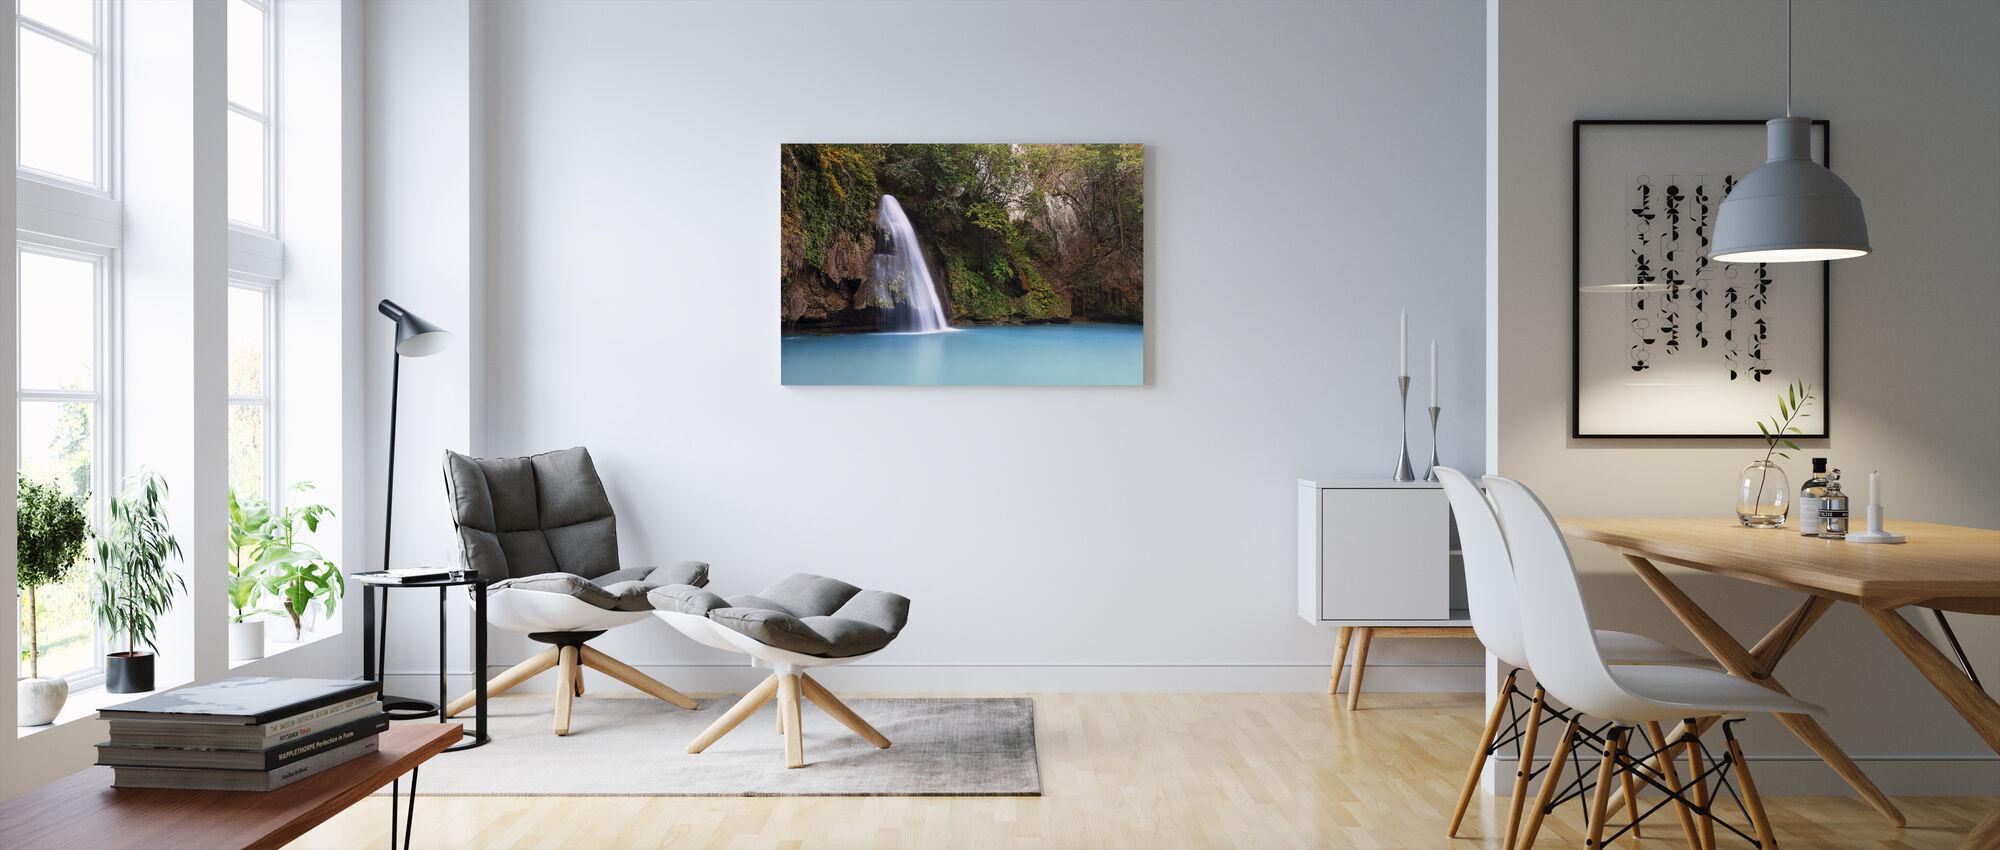 Falls Area - Canvas print - Living Room